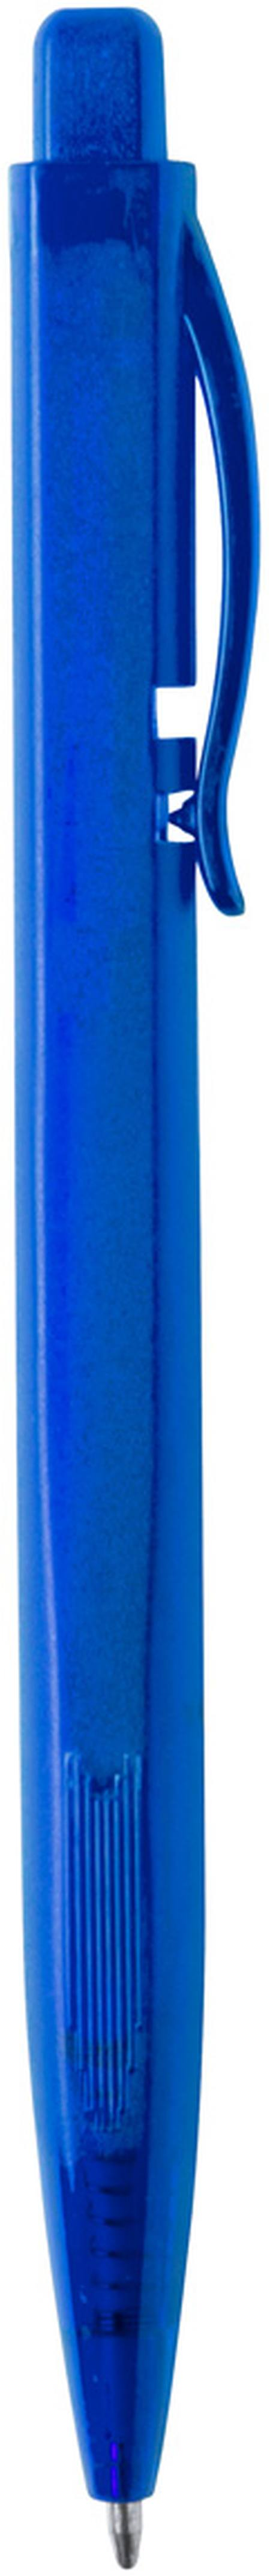 Dafnel kuličkové pero